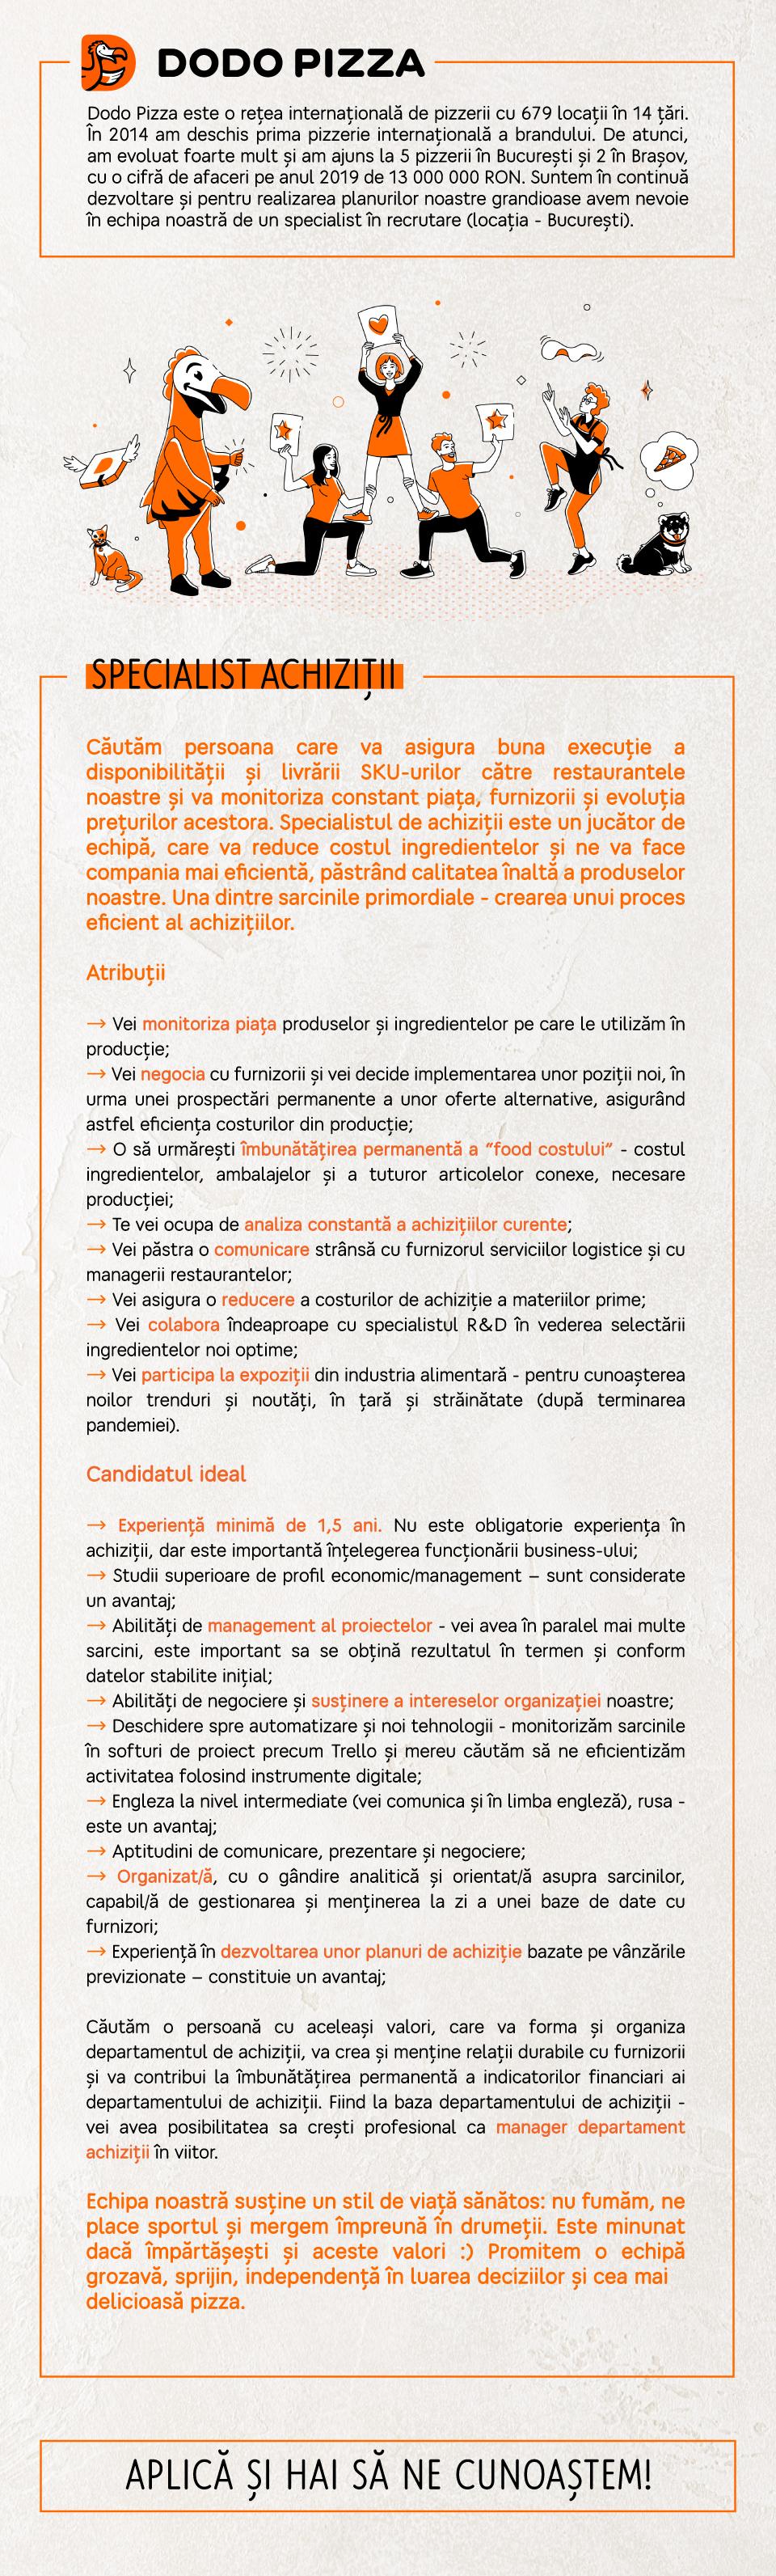 """Cerinte: - Experiența de minim 1 an ca specialist achizitii sau un post similar în achiziții. - Cunoștințe vaste despre producători și importatori de diverse poziții - de la pahare pana la ambalaje din carton. - Capacitatea de a determina cele mai bune condiții de colaborare cu partenerii - Abilități de planificare a activității proprii - Cunoștințe ferme despre indicatorii financiari si impactul achizitiilor asupra întregii activități ai organizației. - Engleza la nivel """"intermediate"""" (va fi folosită în comunicare zilnic) - Limba rusă - un avantaj. - Studii universitare finalizate - profil economic/management Atribuții: - Monitorizarea pieței produselor și ingredientelor pe care le folosim - Negocierea si renegocierea periodica a conditiilor comerciale cu furnizorii nostri - Implementarea de noi poziții în matricea de produse folosite pentru producție - Relationarea dintre companie și furnizorul de servicii de logistica - Reducerea food-costului prin optimizarea costului ingredientelor - Vizitarea târgurilor și expozițiilor de profil din țară și străinătate  Condiții: Căutăm o persoana cu aceleași valori și experiență în achiziții care va forma și organiza departamentul de achiziții, va crea și menține relații durabile cu furnizorii și va contribui la îmbunătățirea permanentă a indicatorilor financiari ai departamentului de achiziții. Fiind la baza departamentului de achiziții - vei avea posibilitatea sa cresti profesional ca manager departament achiziții în viitor. Dodo Pizza este o companie neobișnuită. În doar 8 ani am deschis peste 600 de pizzerii în 13 țări, inclusiv în SUA, Marea Britanie, China și Nigeria. Despre noi scriu New York Times și Washington Post, Microsoft filmează reportaje, cifrele noastre continuă să uimească analiștii financiari și fondurile de investiții iar concurenții nu înțeleg cum le reușim.Dodo Pizza România este prima master-franciză a rețelei. În 2014 am deschis primul restaurant în Brașov, unde doi ani am testat și adaptat modelul la """